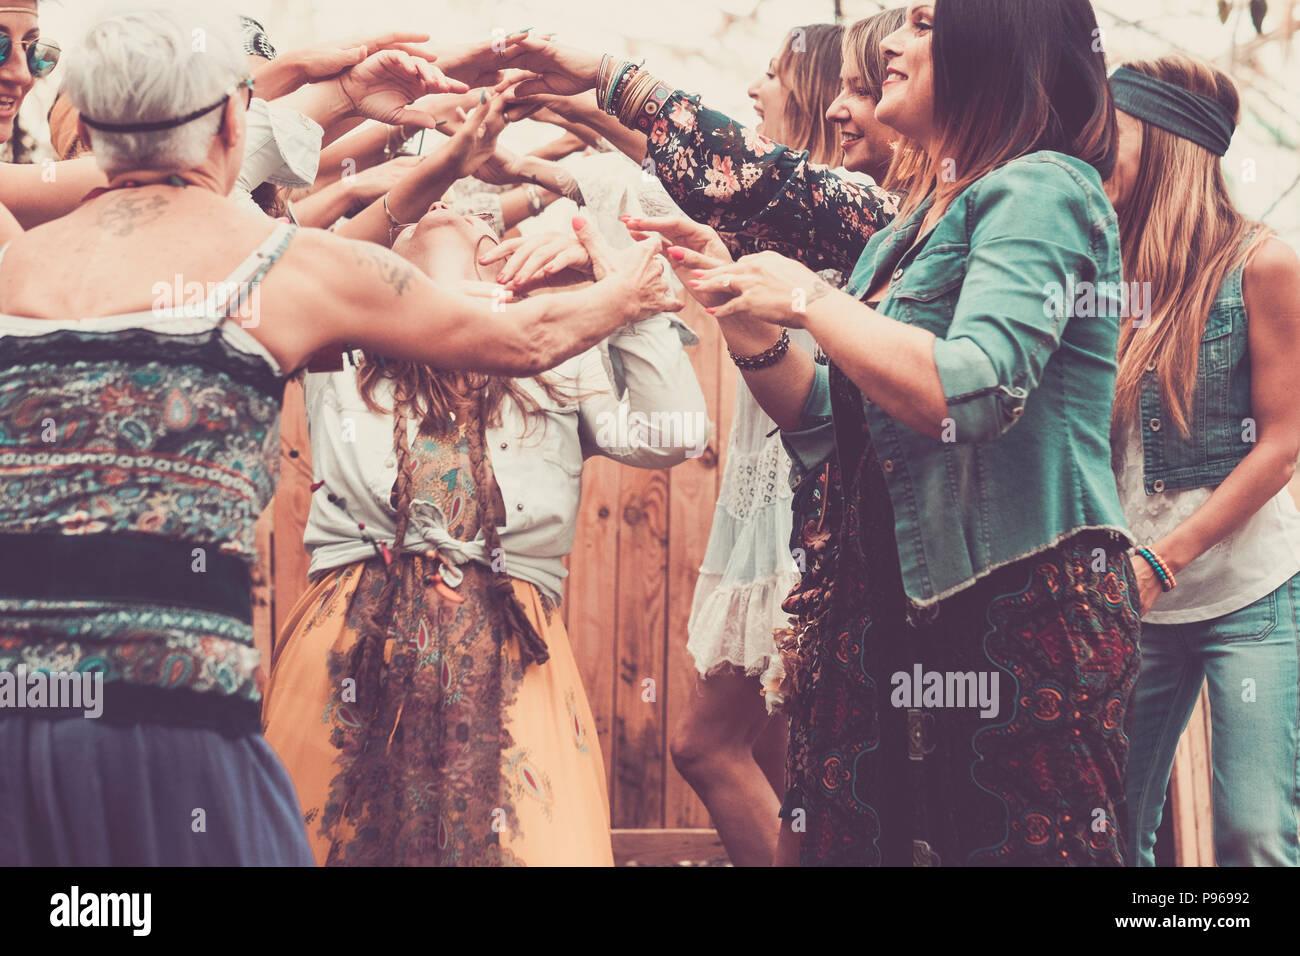 Gruppo di libera e ribelle hippy stile alternativo di donne giovani insieme per ballare e celebrare con gioia e felicità in un luogo naturale indoor e outd Immagini Stock